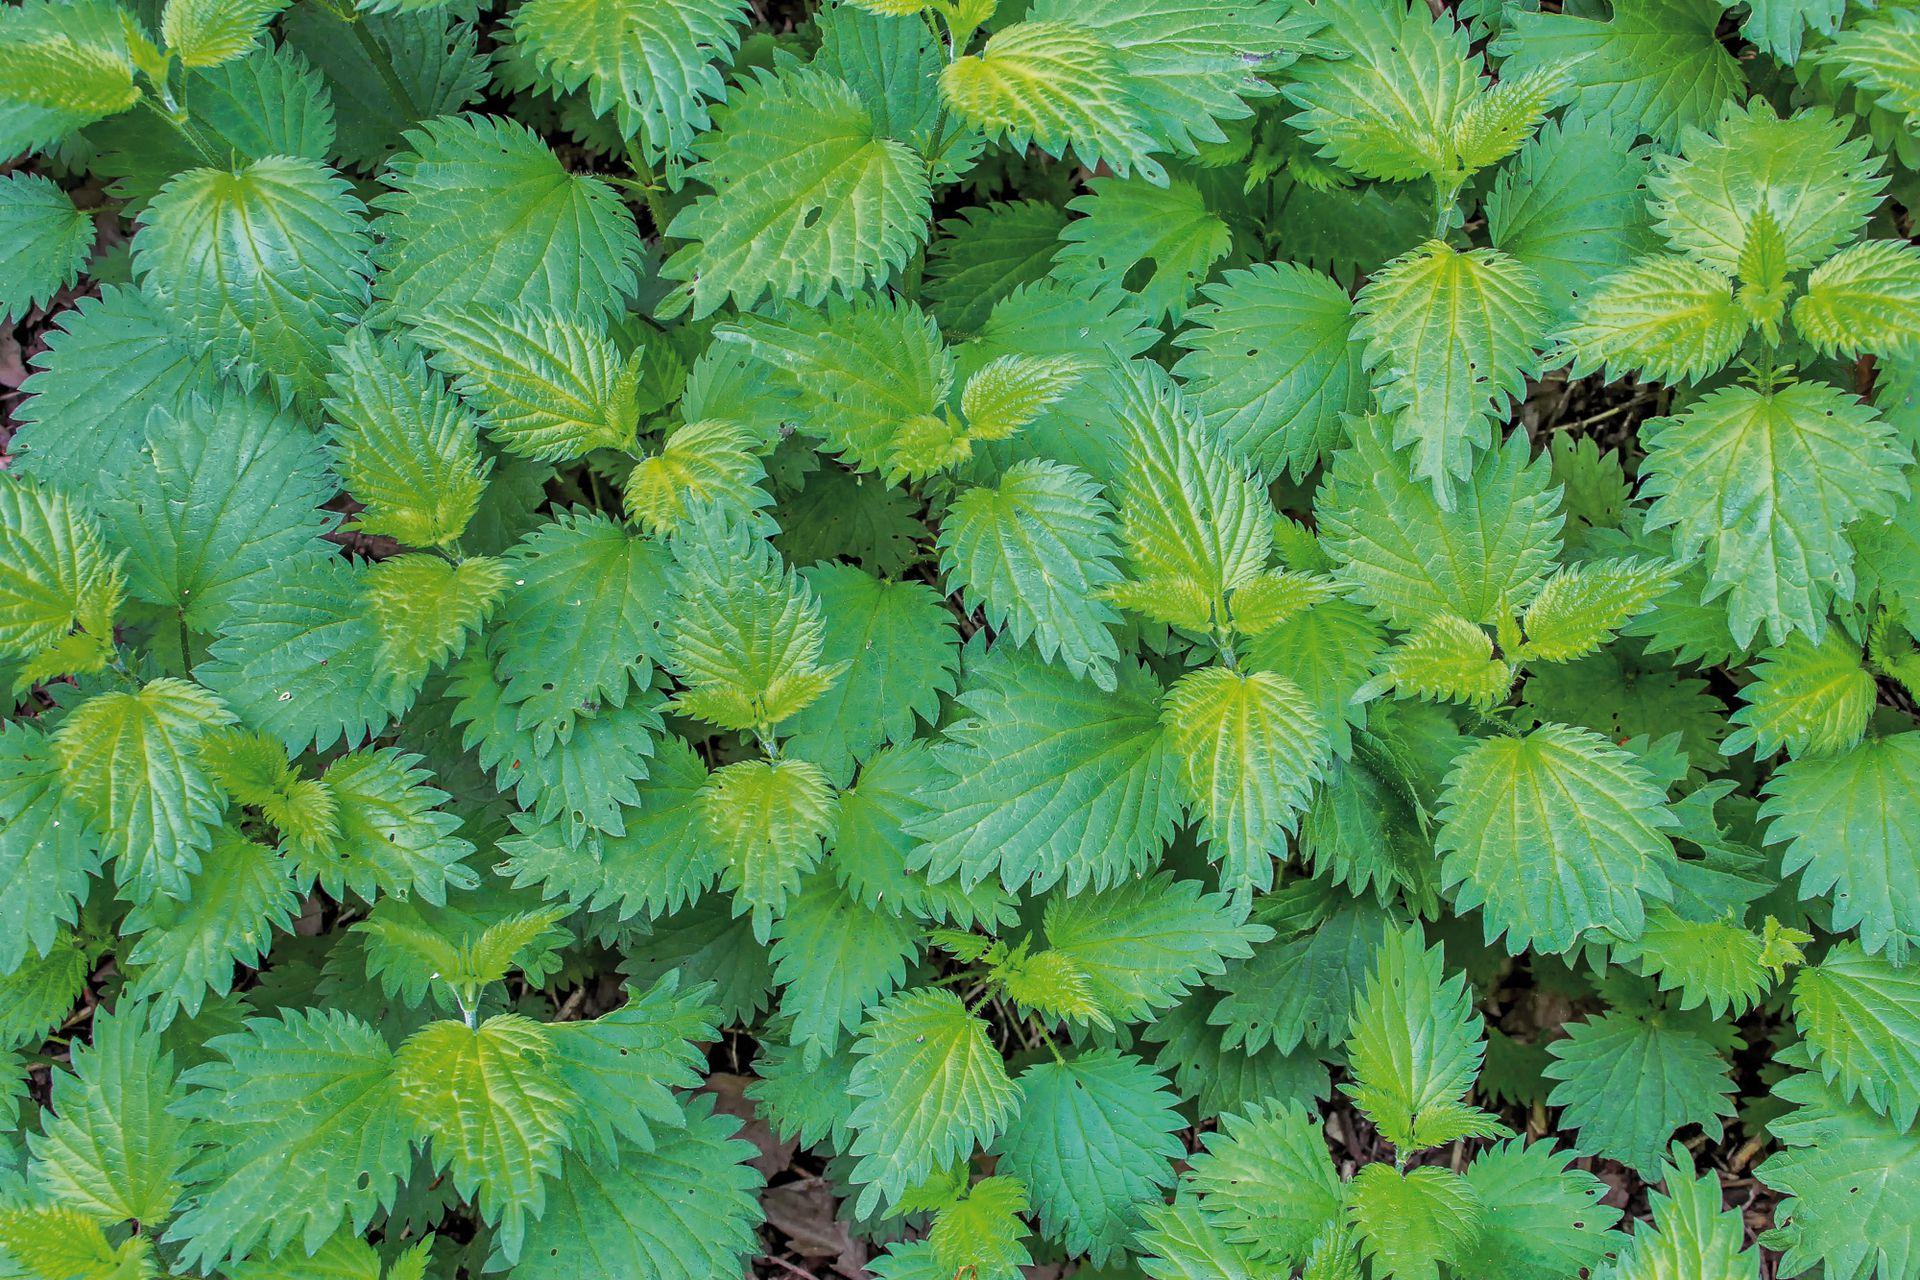 La planta de ortiga es característica por sus hojas con borde acerrado. Crece de manera silvestre en caminos, banquinas y hasta en las veredas.